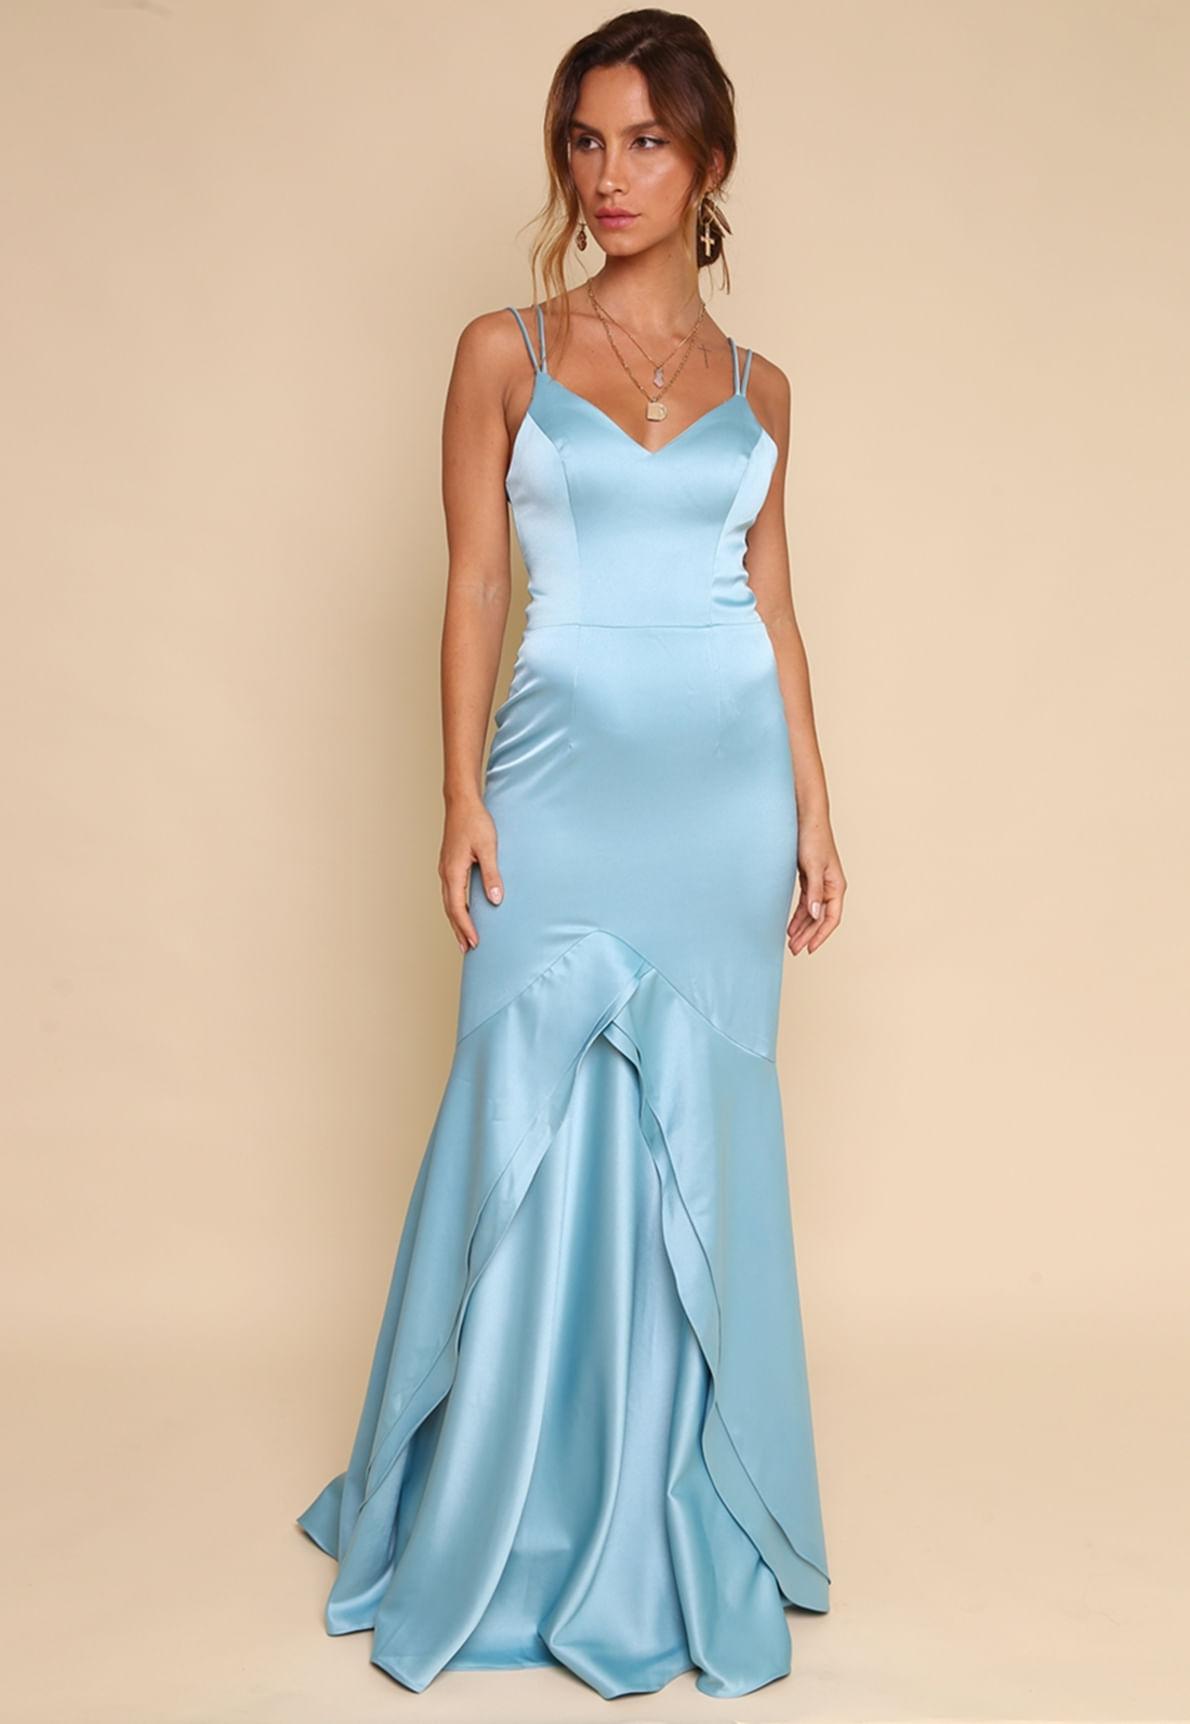 23229-vestido-longo-turquesa-monica-01